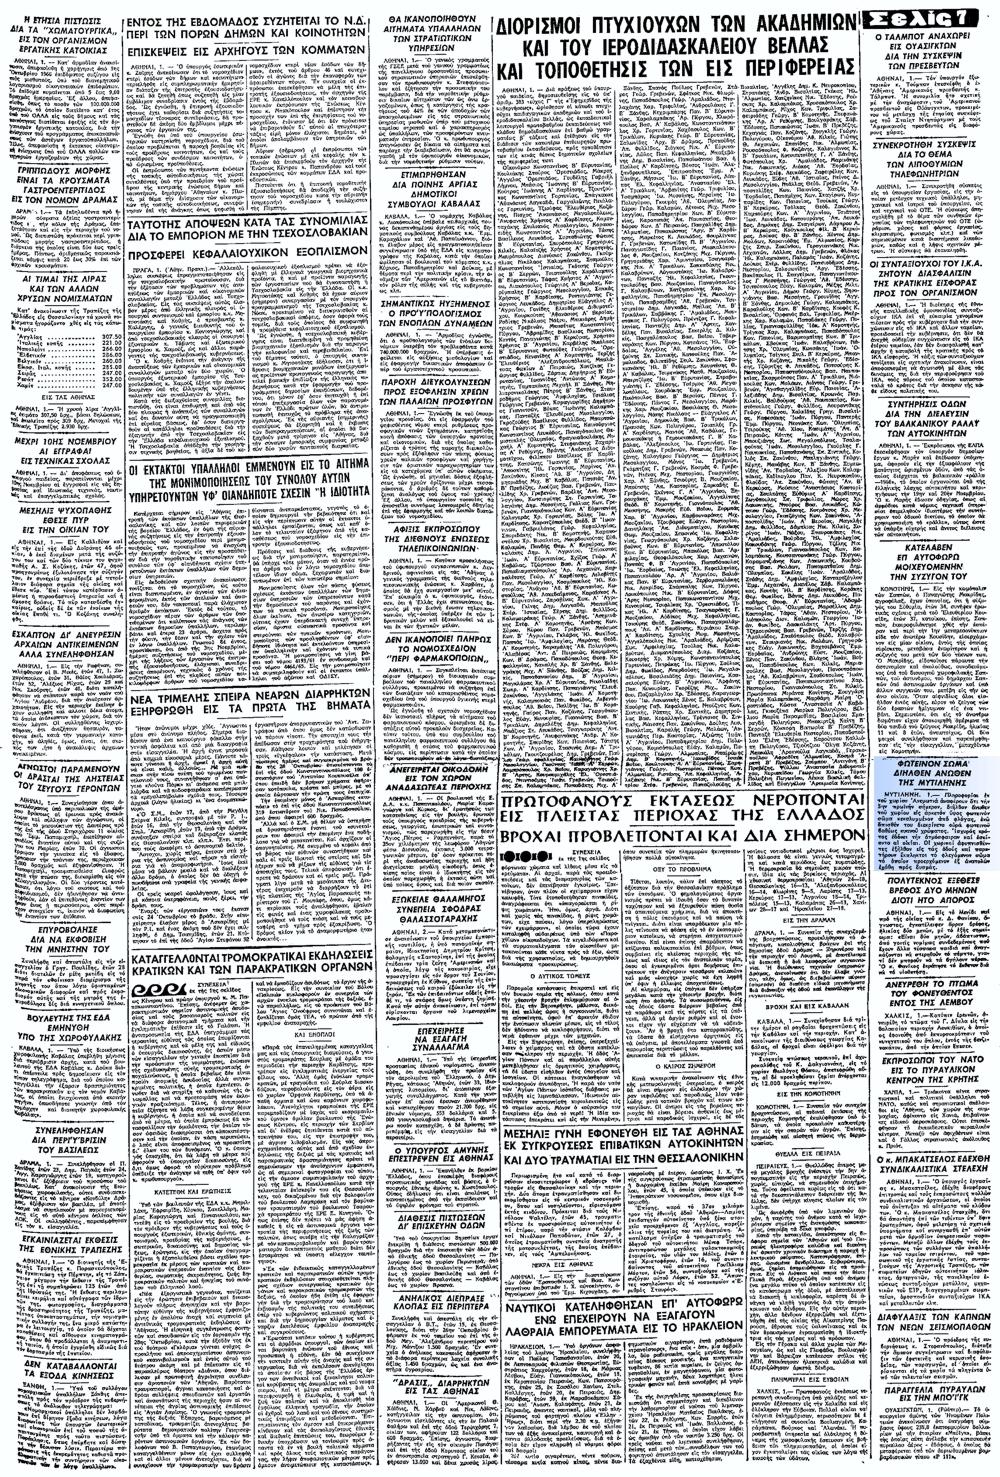 """Το άρθρο, όπως δημοσιεύθηκε στην εφημερίδα """"ΜΑΚΕΔΟΝΙΑ"""", στις 02/11/1966"""